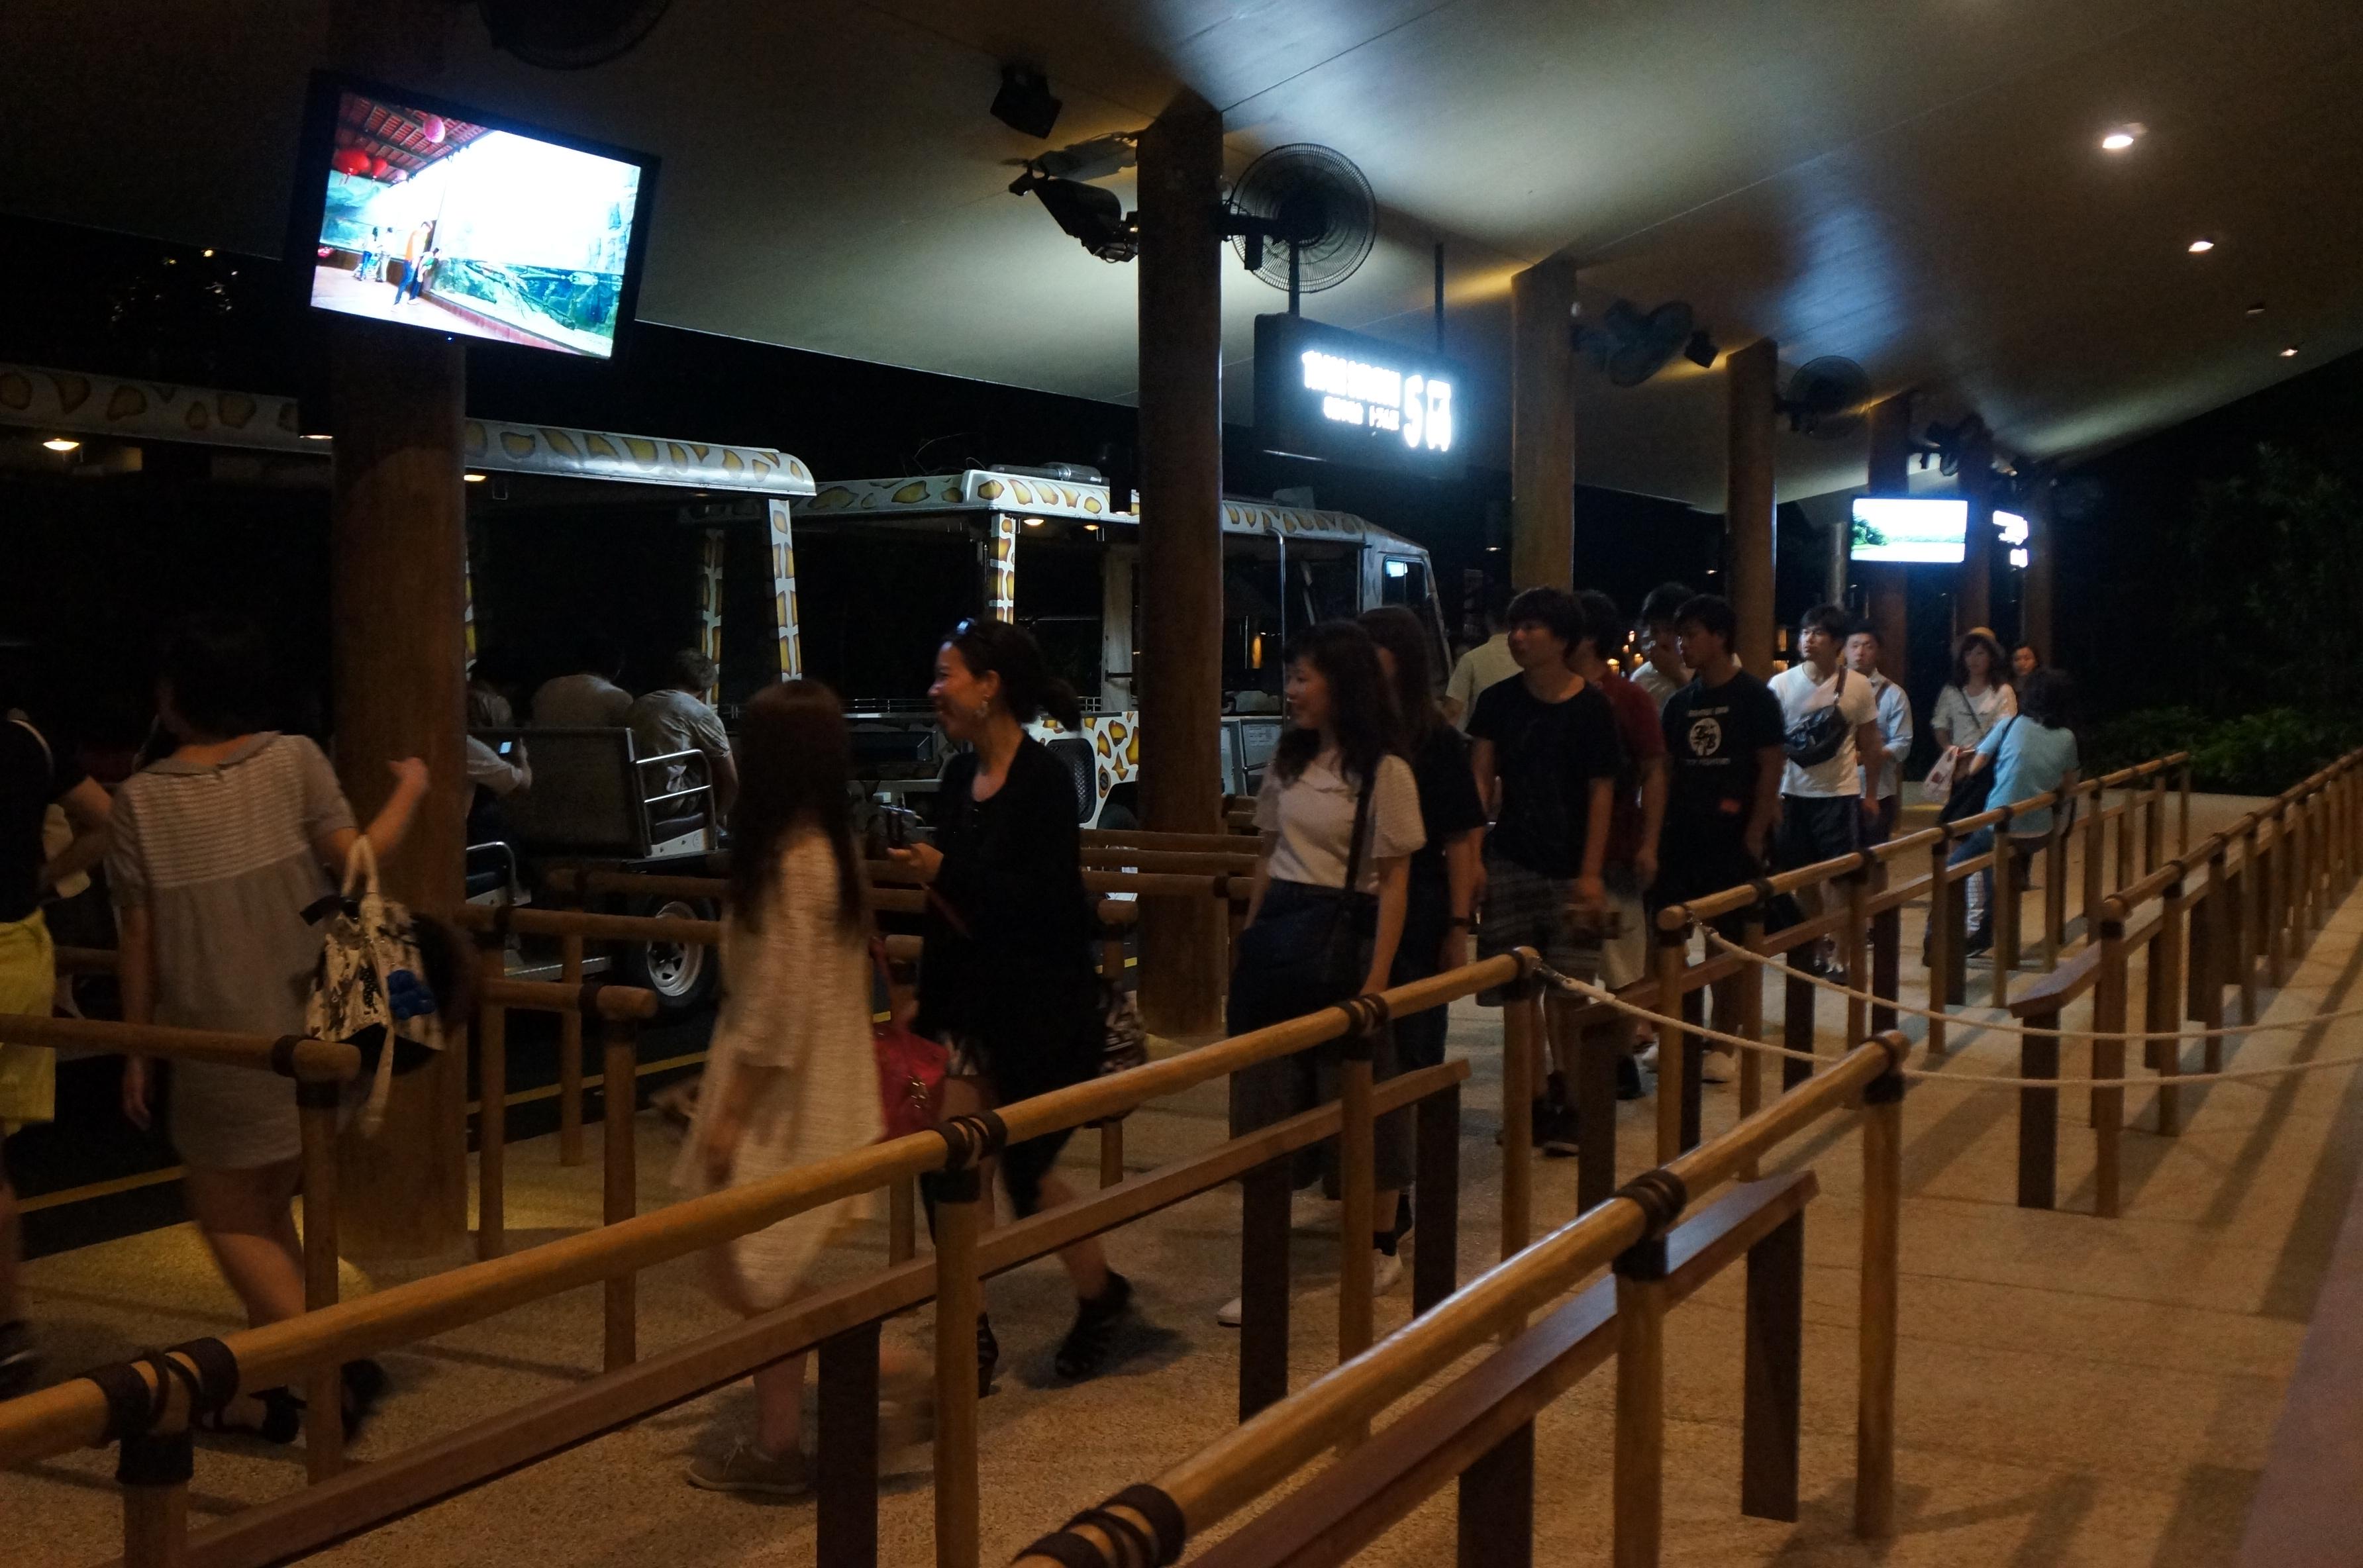 07:15在夜幕尚未完全降临之际,夜间动物园开门营业,游客都是凭指定时间的入场券进场。因为急着搭乘有限的游览车,因此排队的游客就很多,而且进入后也都是蜂拥前往搭乘游览车的车站。我们因为是已经预约了后续的中文游览车,因此也就没有必要去凑那个热闹。我们依据夜间动物园的简介提示,初步排定了今晚在此的游览程序,检票入场后直接奔动物表演露天剧院,观看07:30的第一场表演。半圆形的露天剧场座位不少,观看的游客也很多,但整个表演却很一般,出场的动物表演的基本都是很低智商的动作。再加上主持人说英语我们也听不懂,因此很多